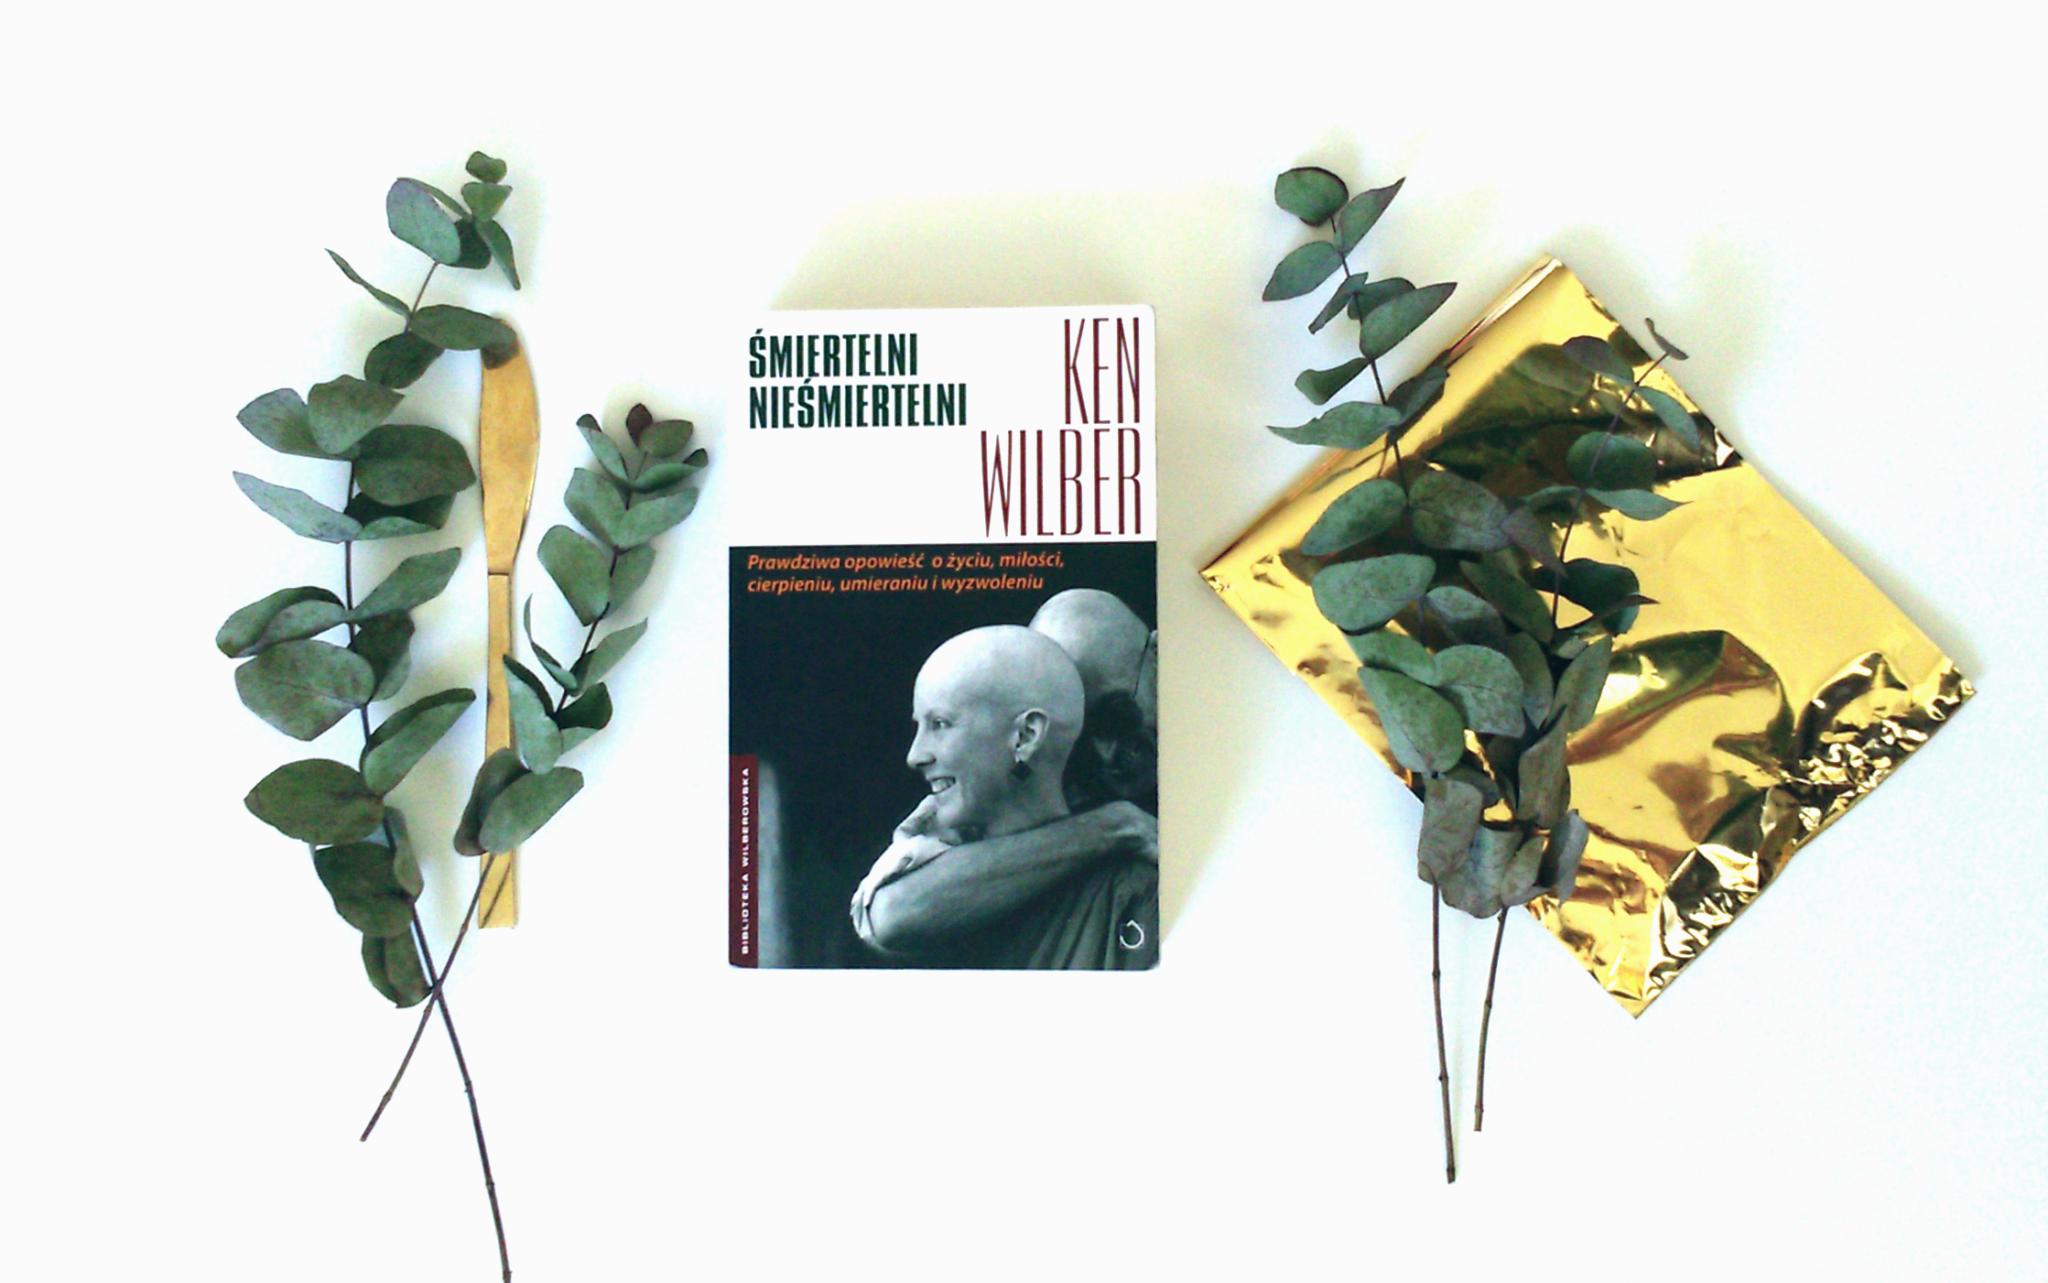 Śmiertelni nieśmiertelni Ken Wilber - recenzja książki